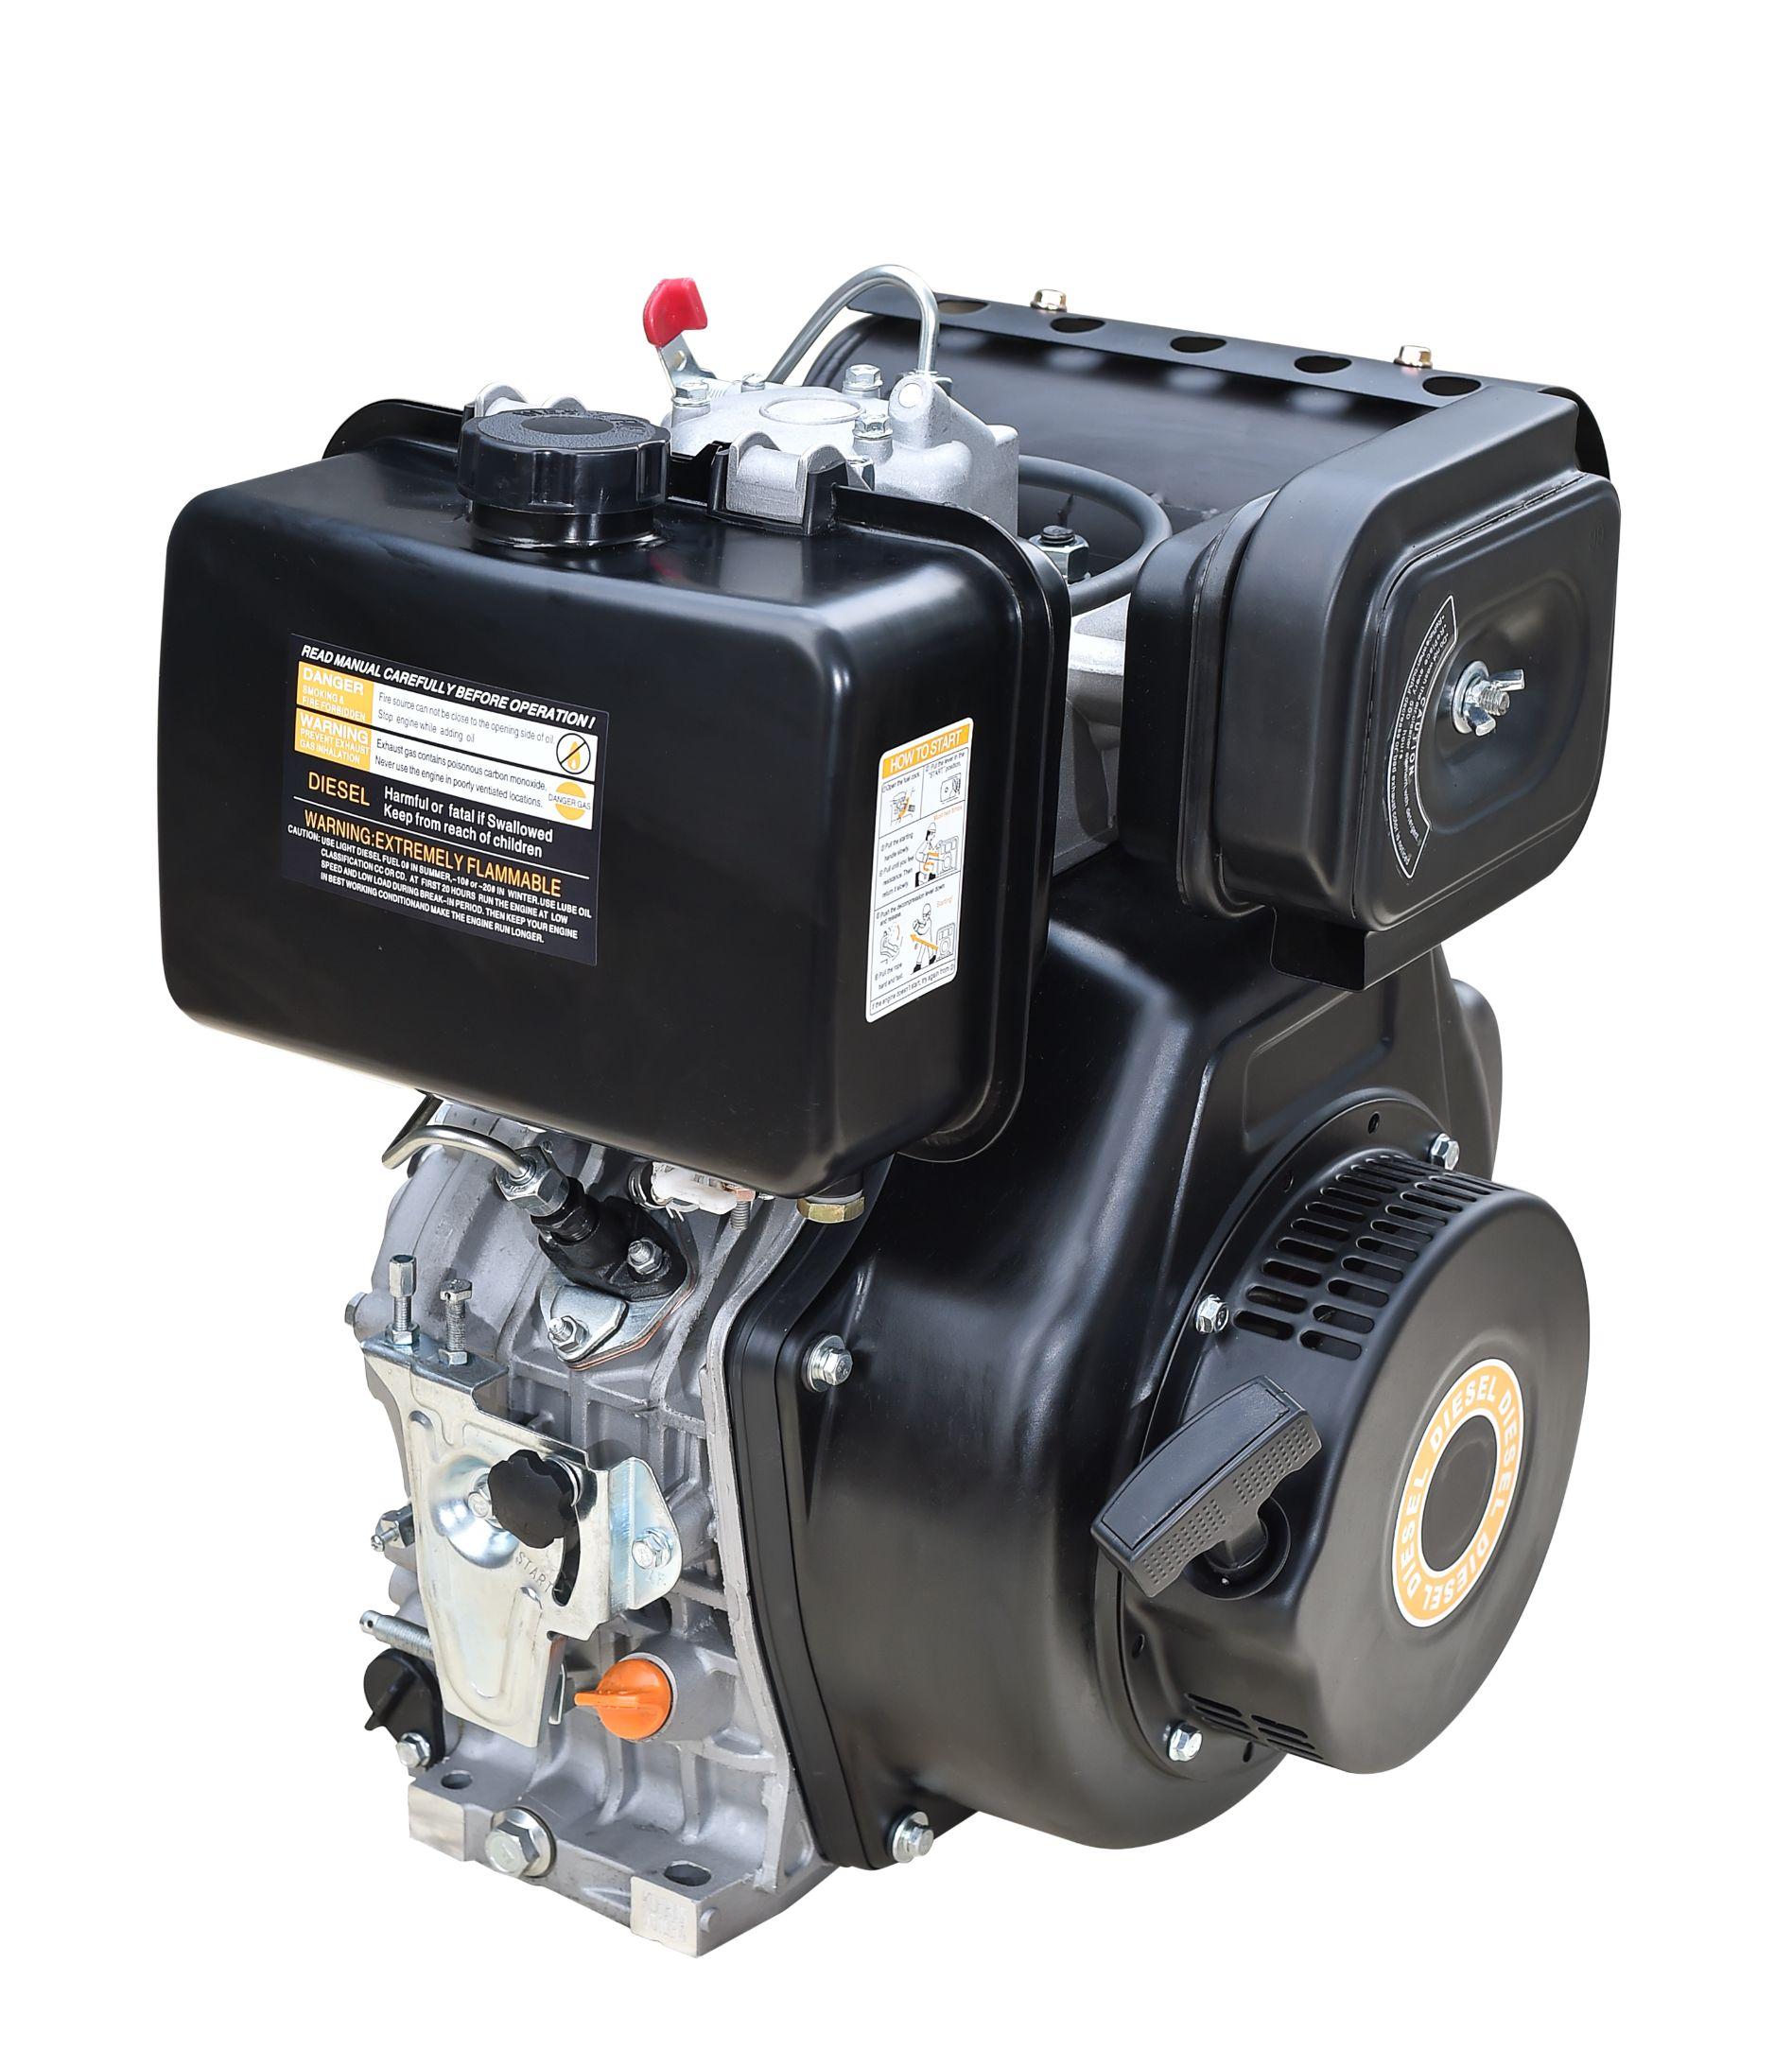 无锡得瑞RD192F风冷单缸柴油发动机